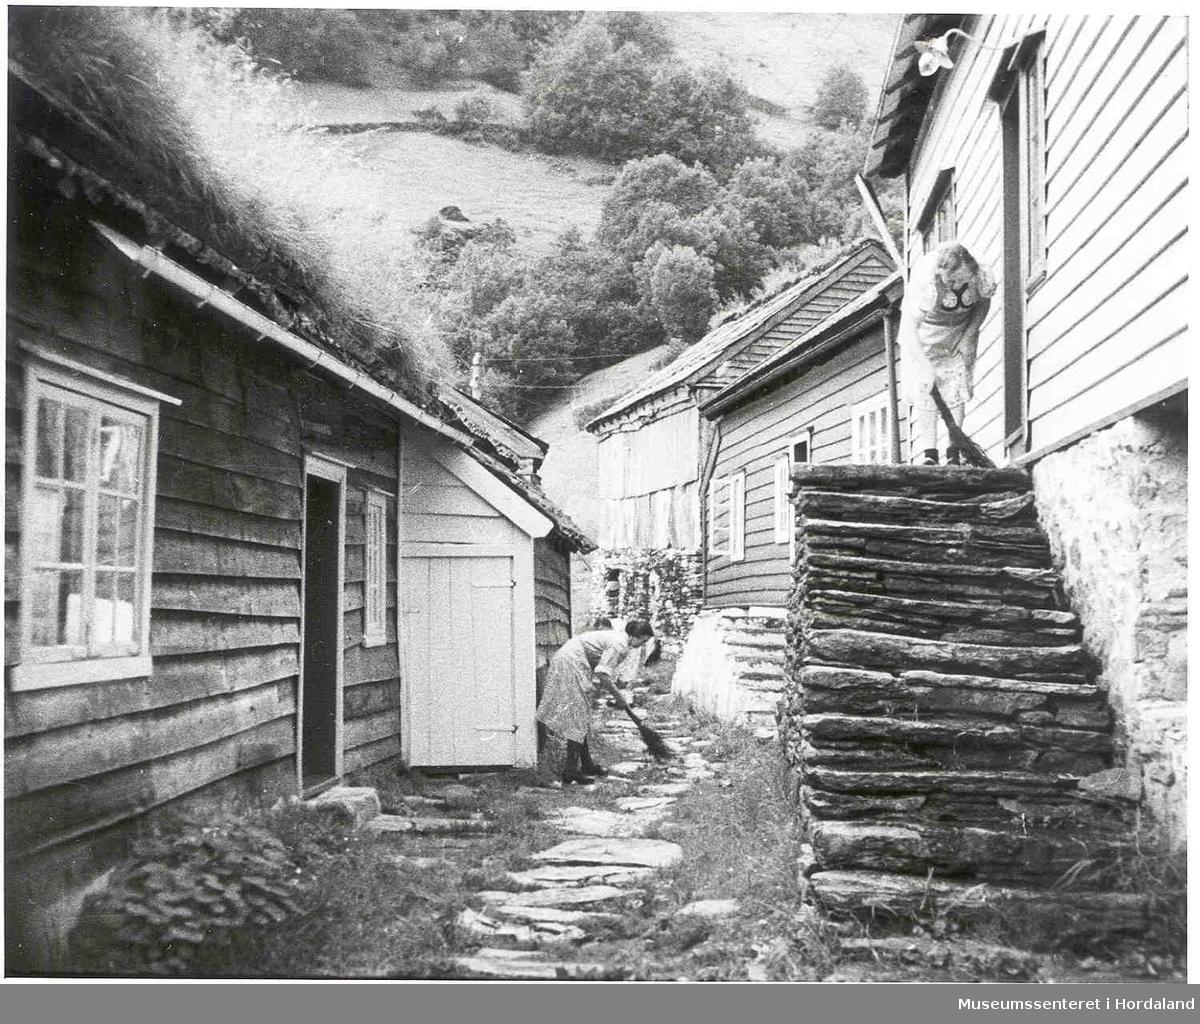 Havrå.Kvinner som soper utforbi husa i eit klyngjetun. Tre våningshus, ein flor/løe. Eine våningshuset er med torvtak. Steintrapp. Bratte lier med lautre i bakgrunnen (Foto/Photo)